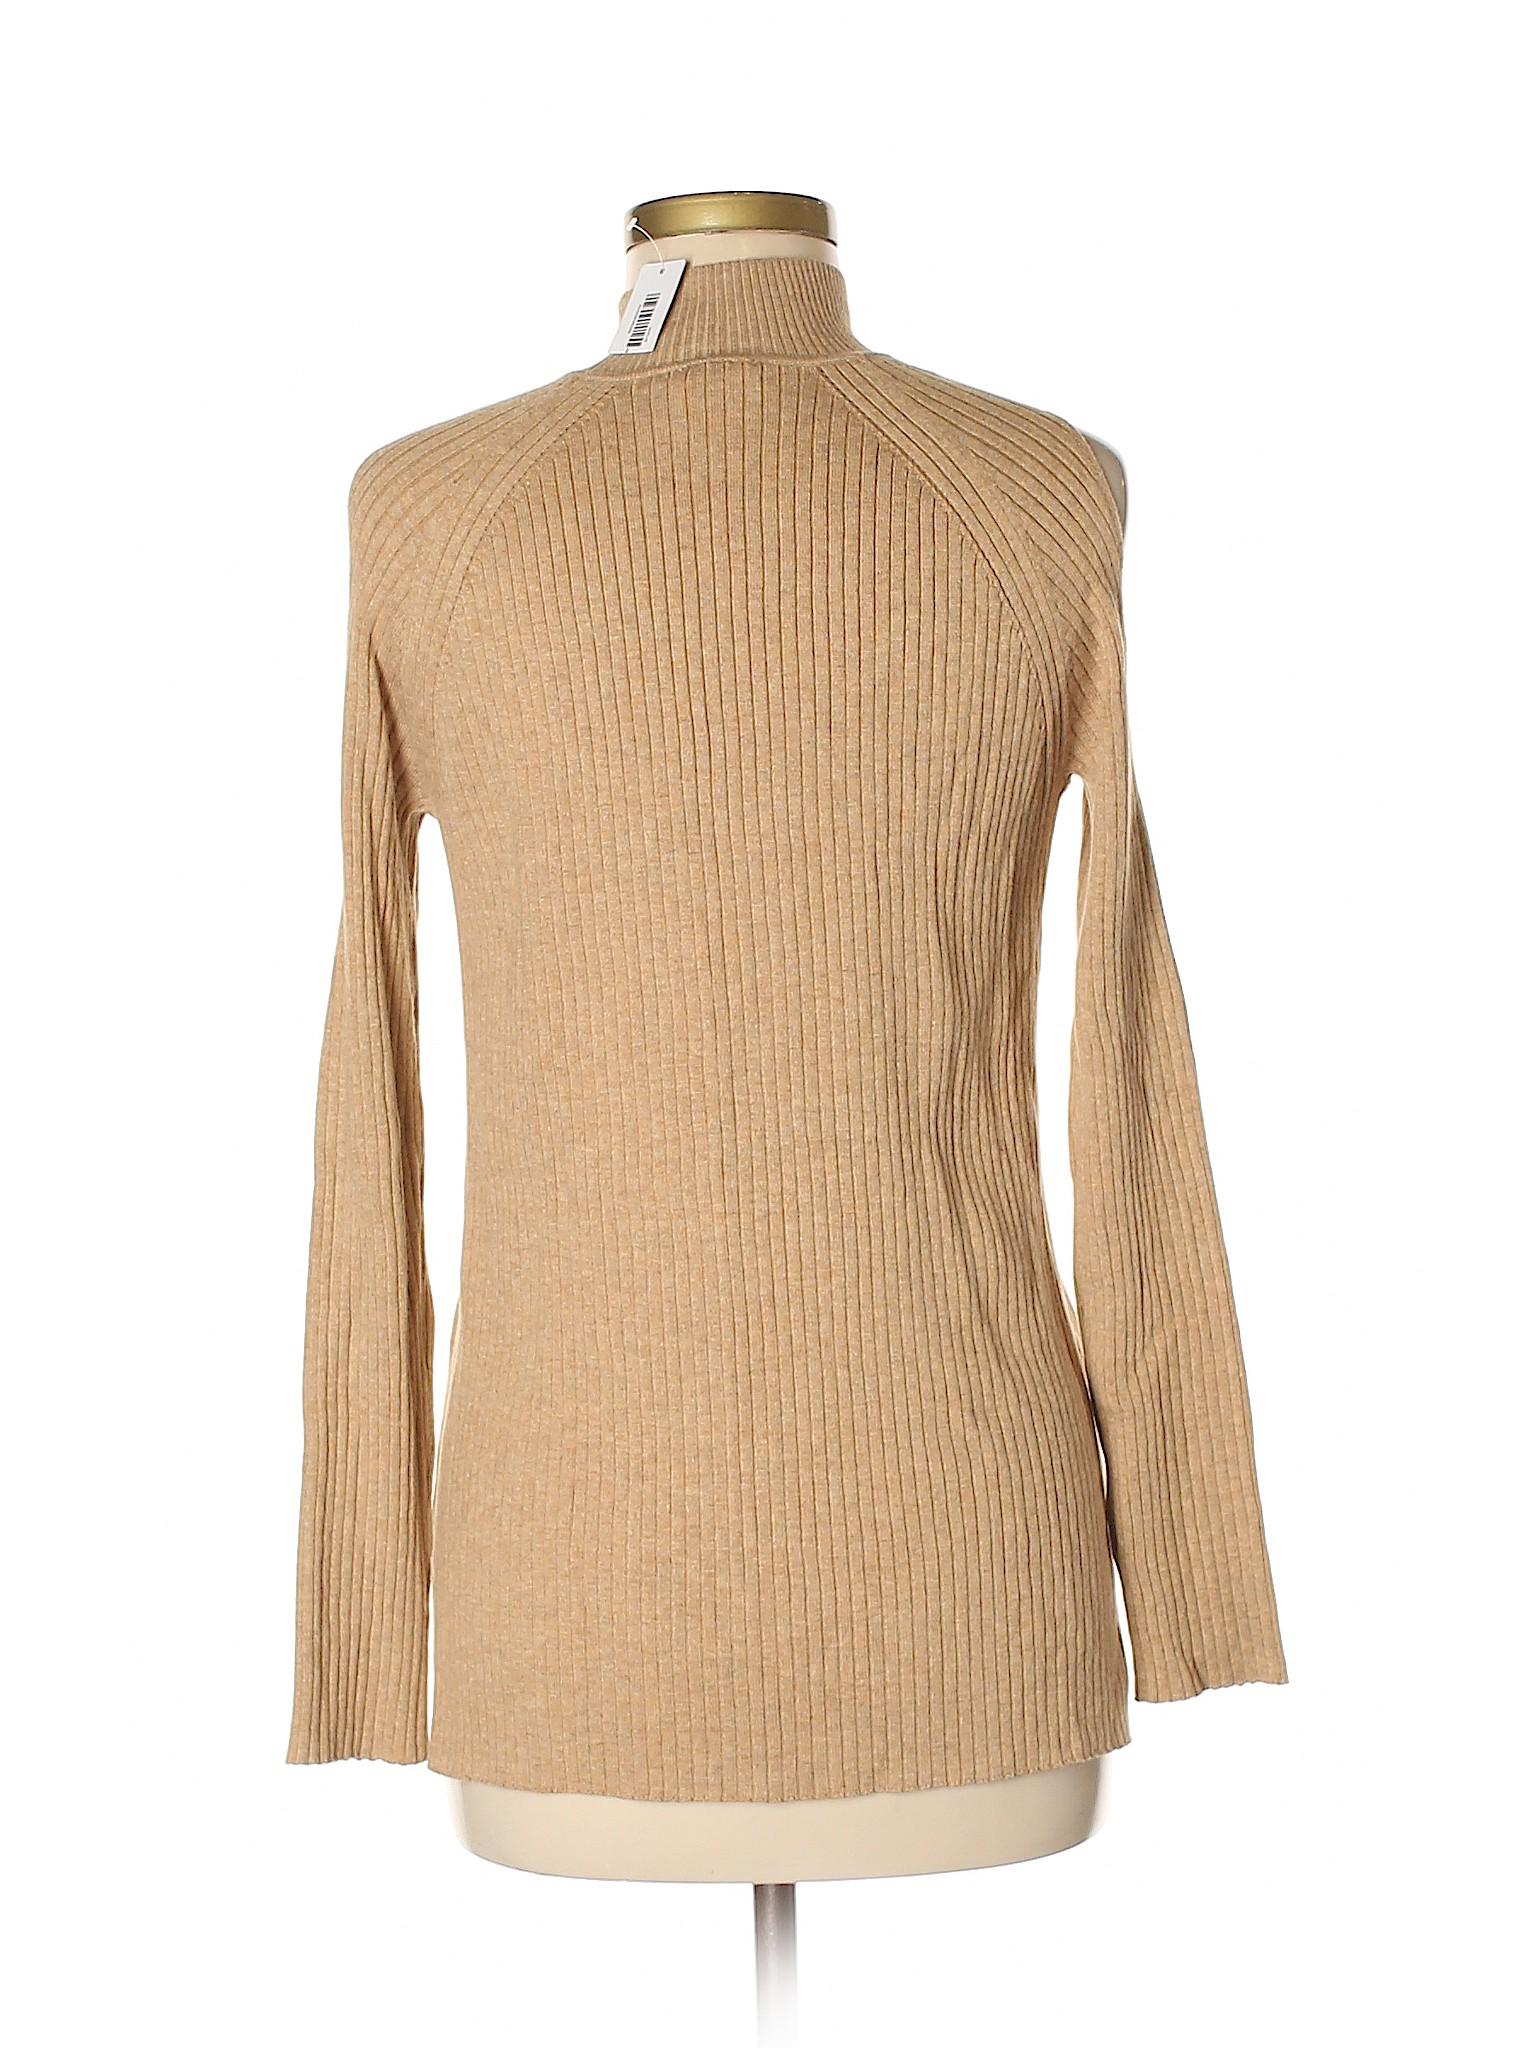 Sweater Pullover Chico's Chico's Boutique Boutique Boutique Pullover Sweater TwnvqxZ5